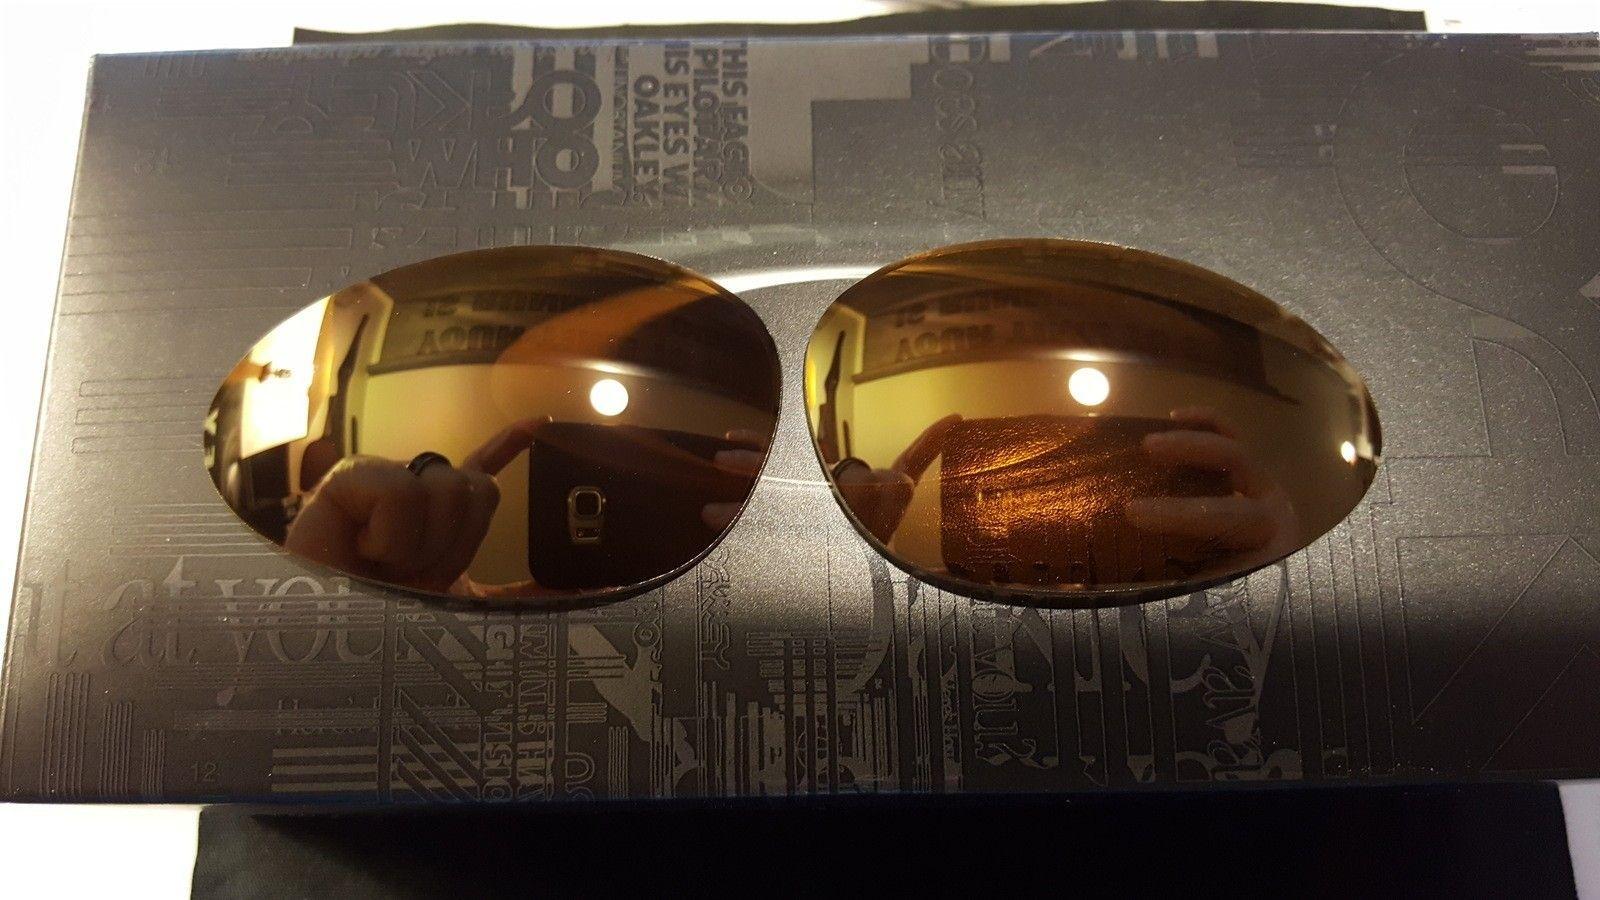 C Wire gold iridium lenses - 20160114_170643.jpg